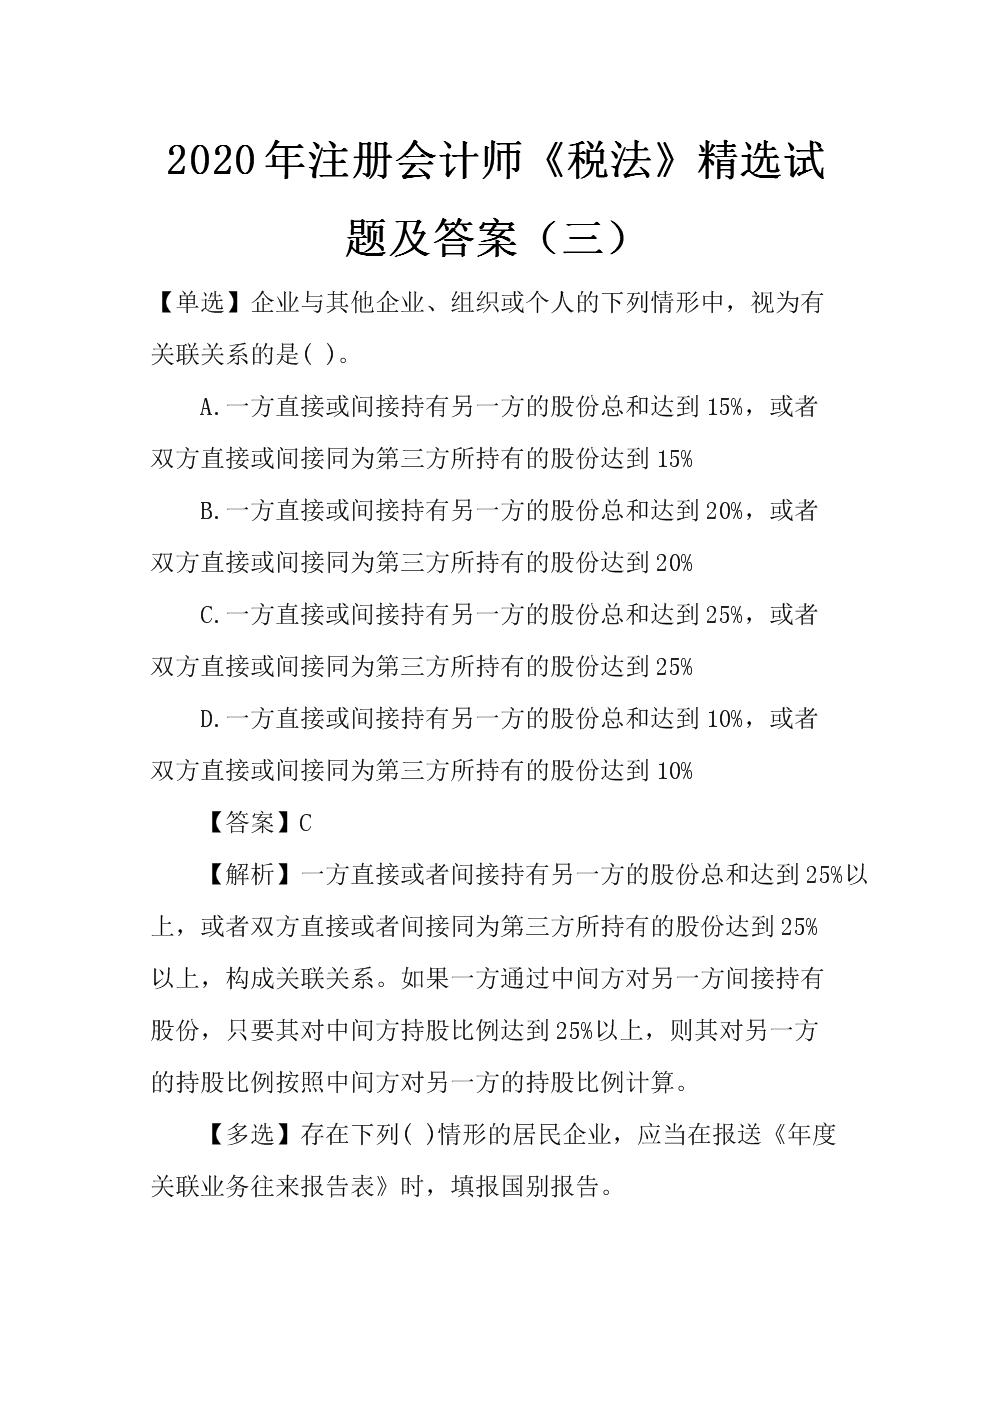 2020年注册会计师《税法》试题及答案(三).docx